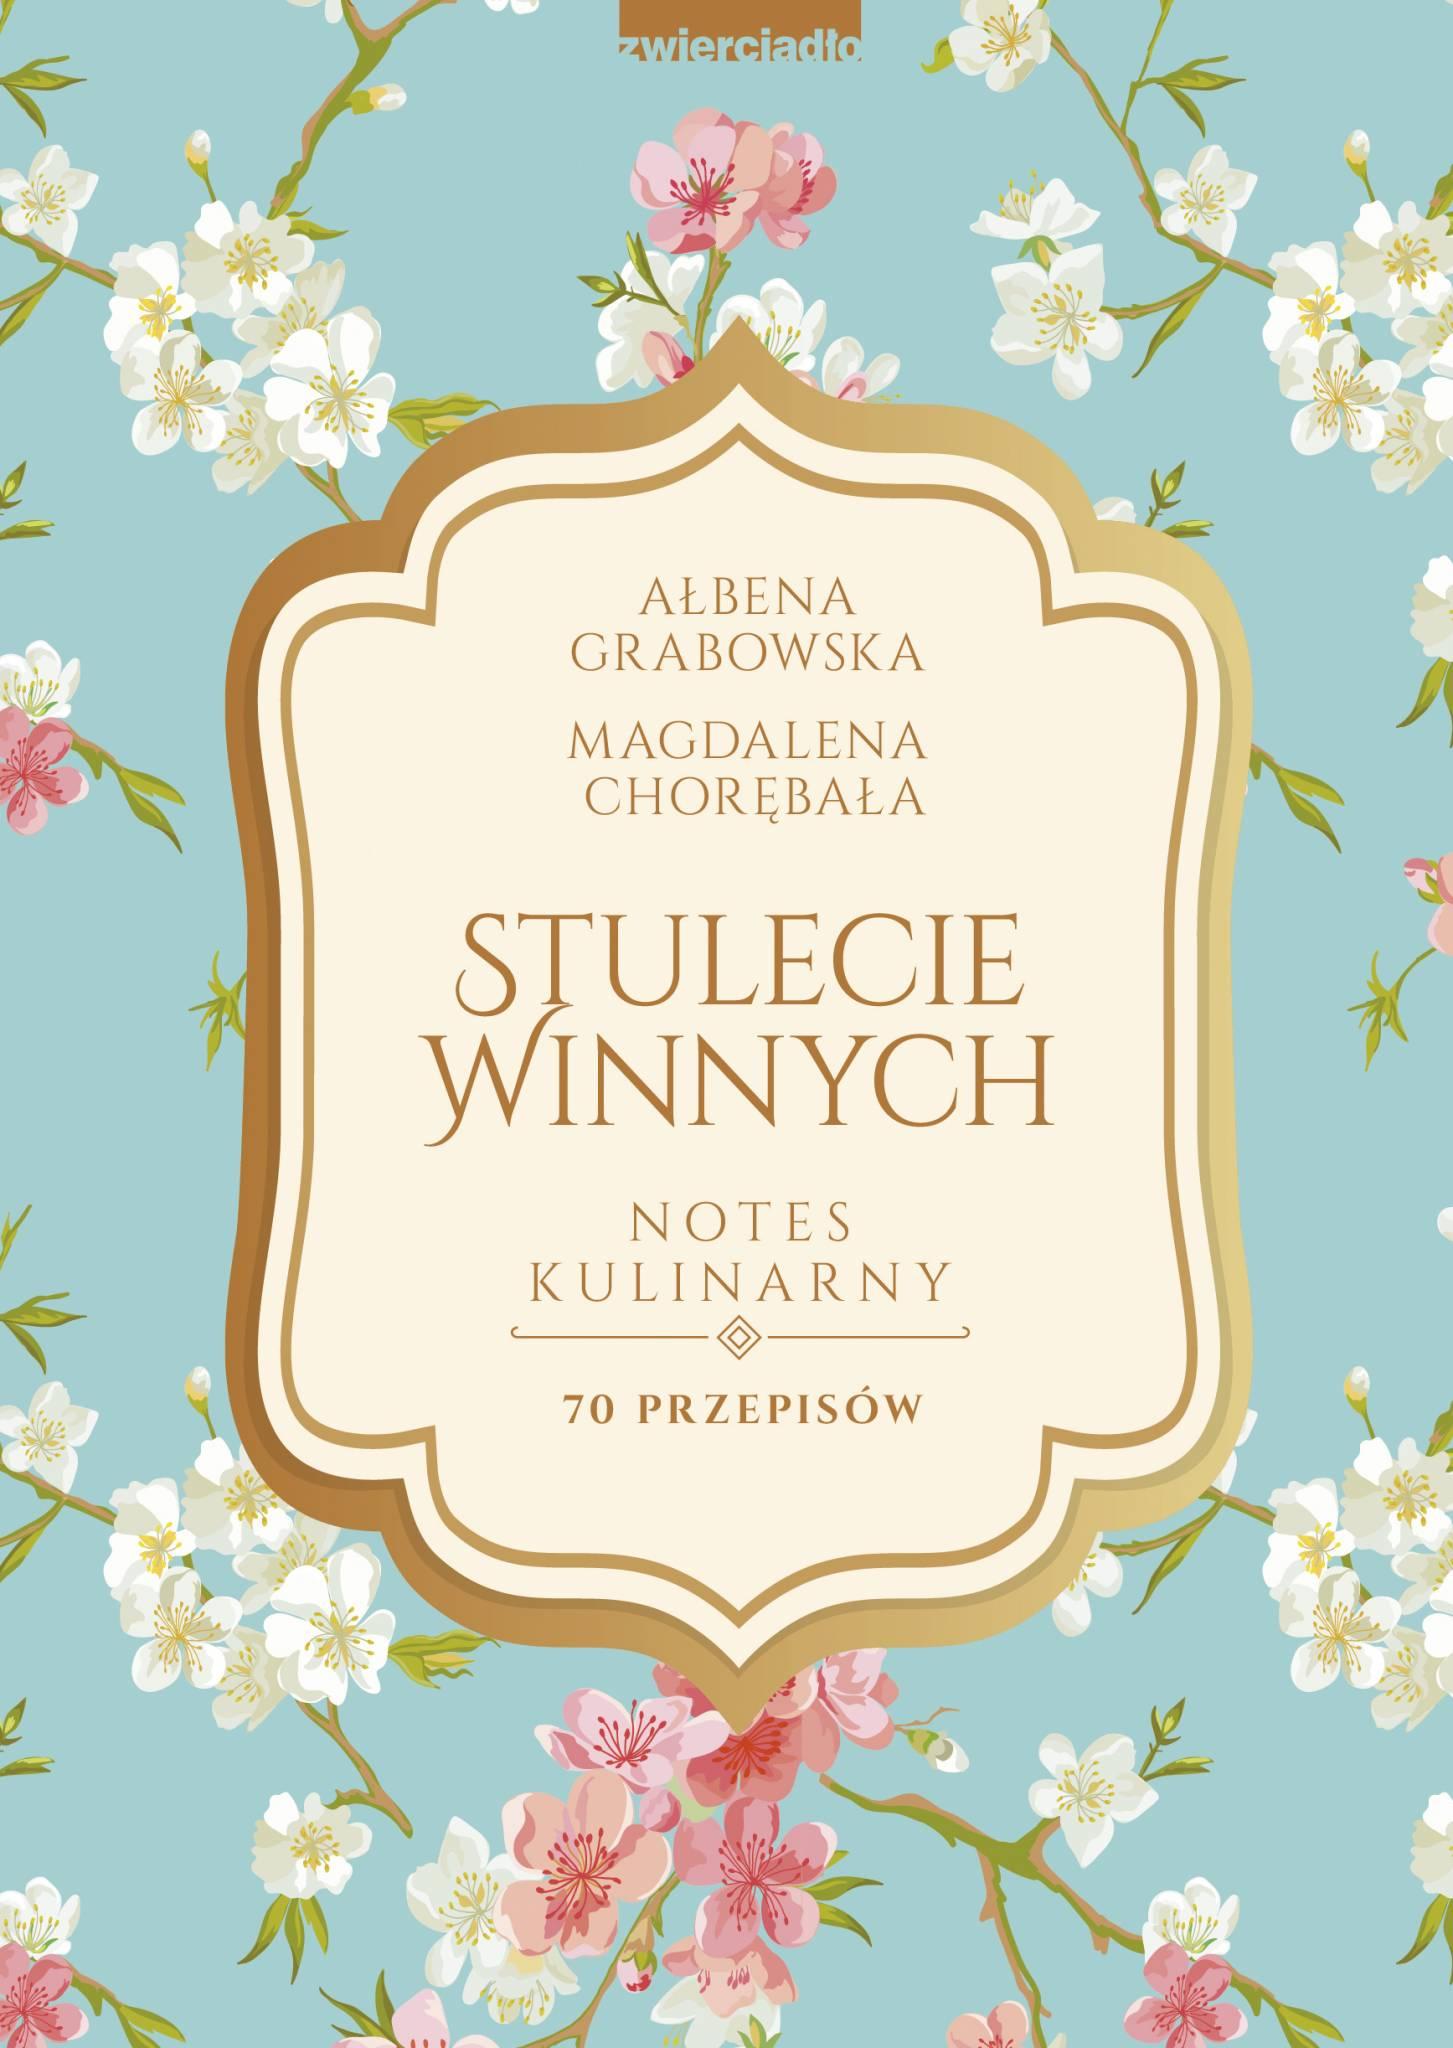 Stulecie Winnych.  Notes kulinarny. 70 przepisów - Ałbena Grabowska